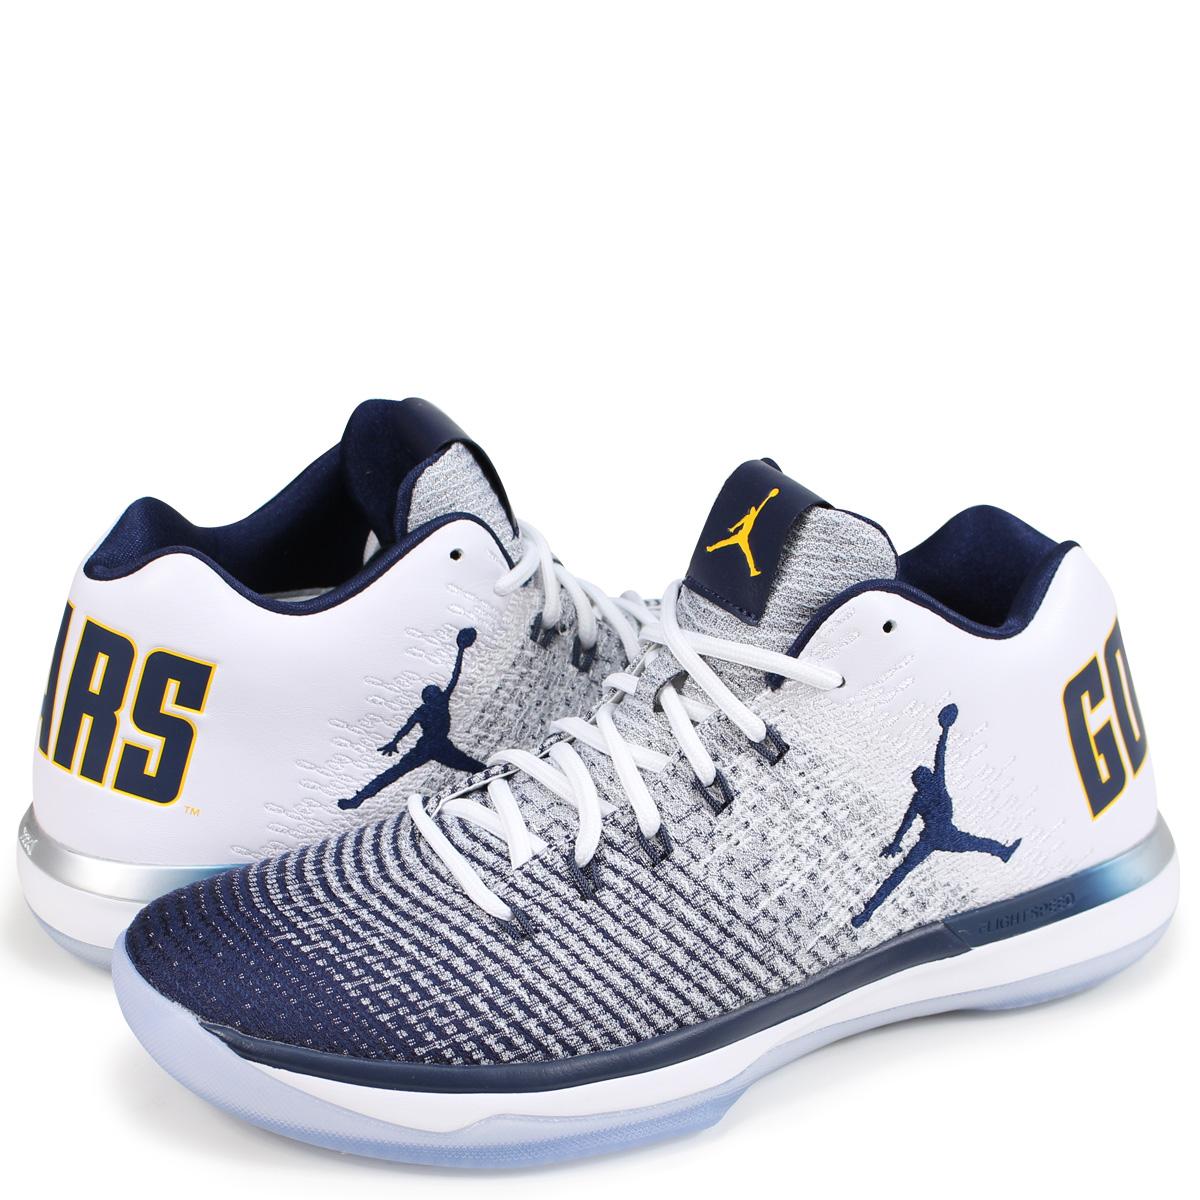 super popular 51ca3 c1882 NIKE AIR JORDAN XXX1 LOW CALIFORNIA Nike Air Jordan 31 sneakers men  897,564-118 white ...